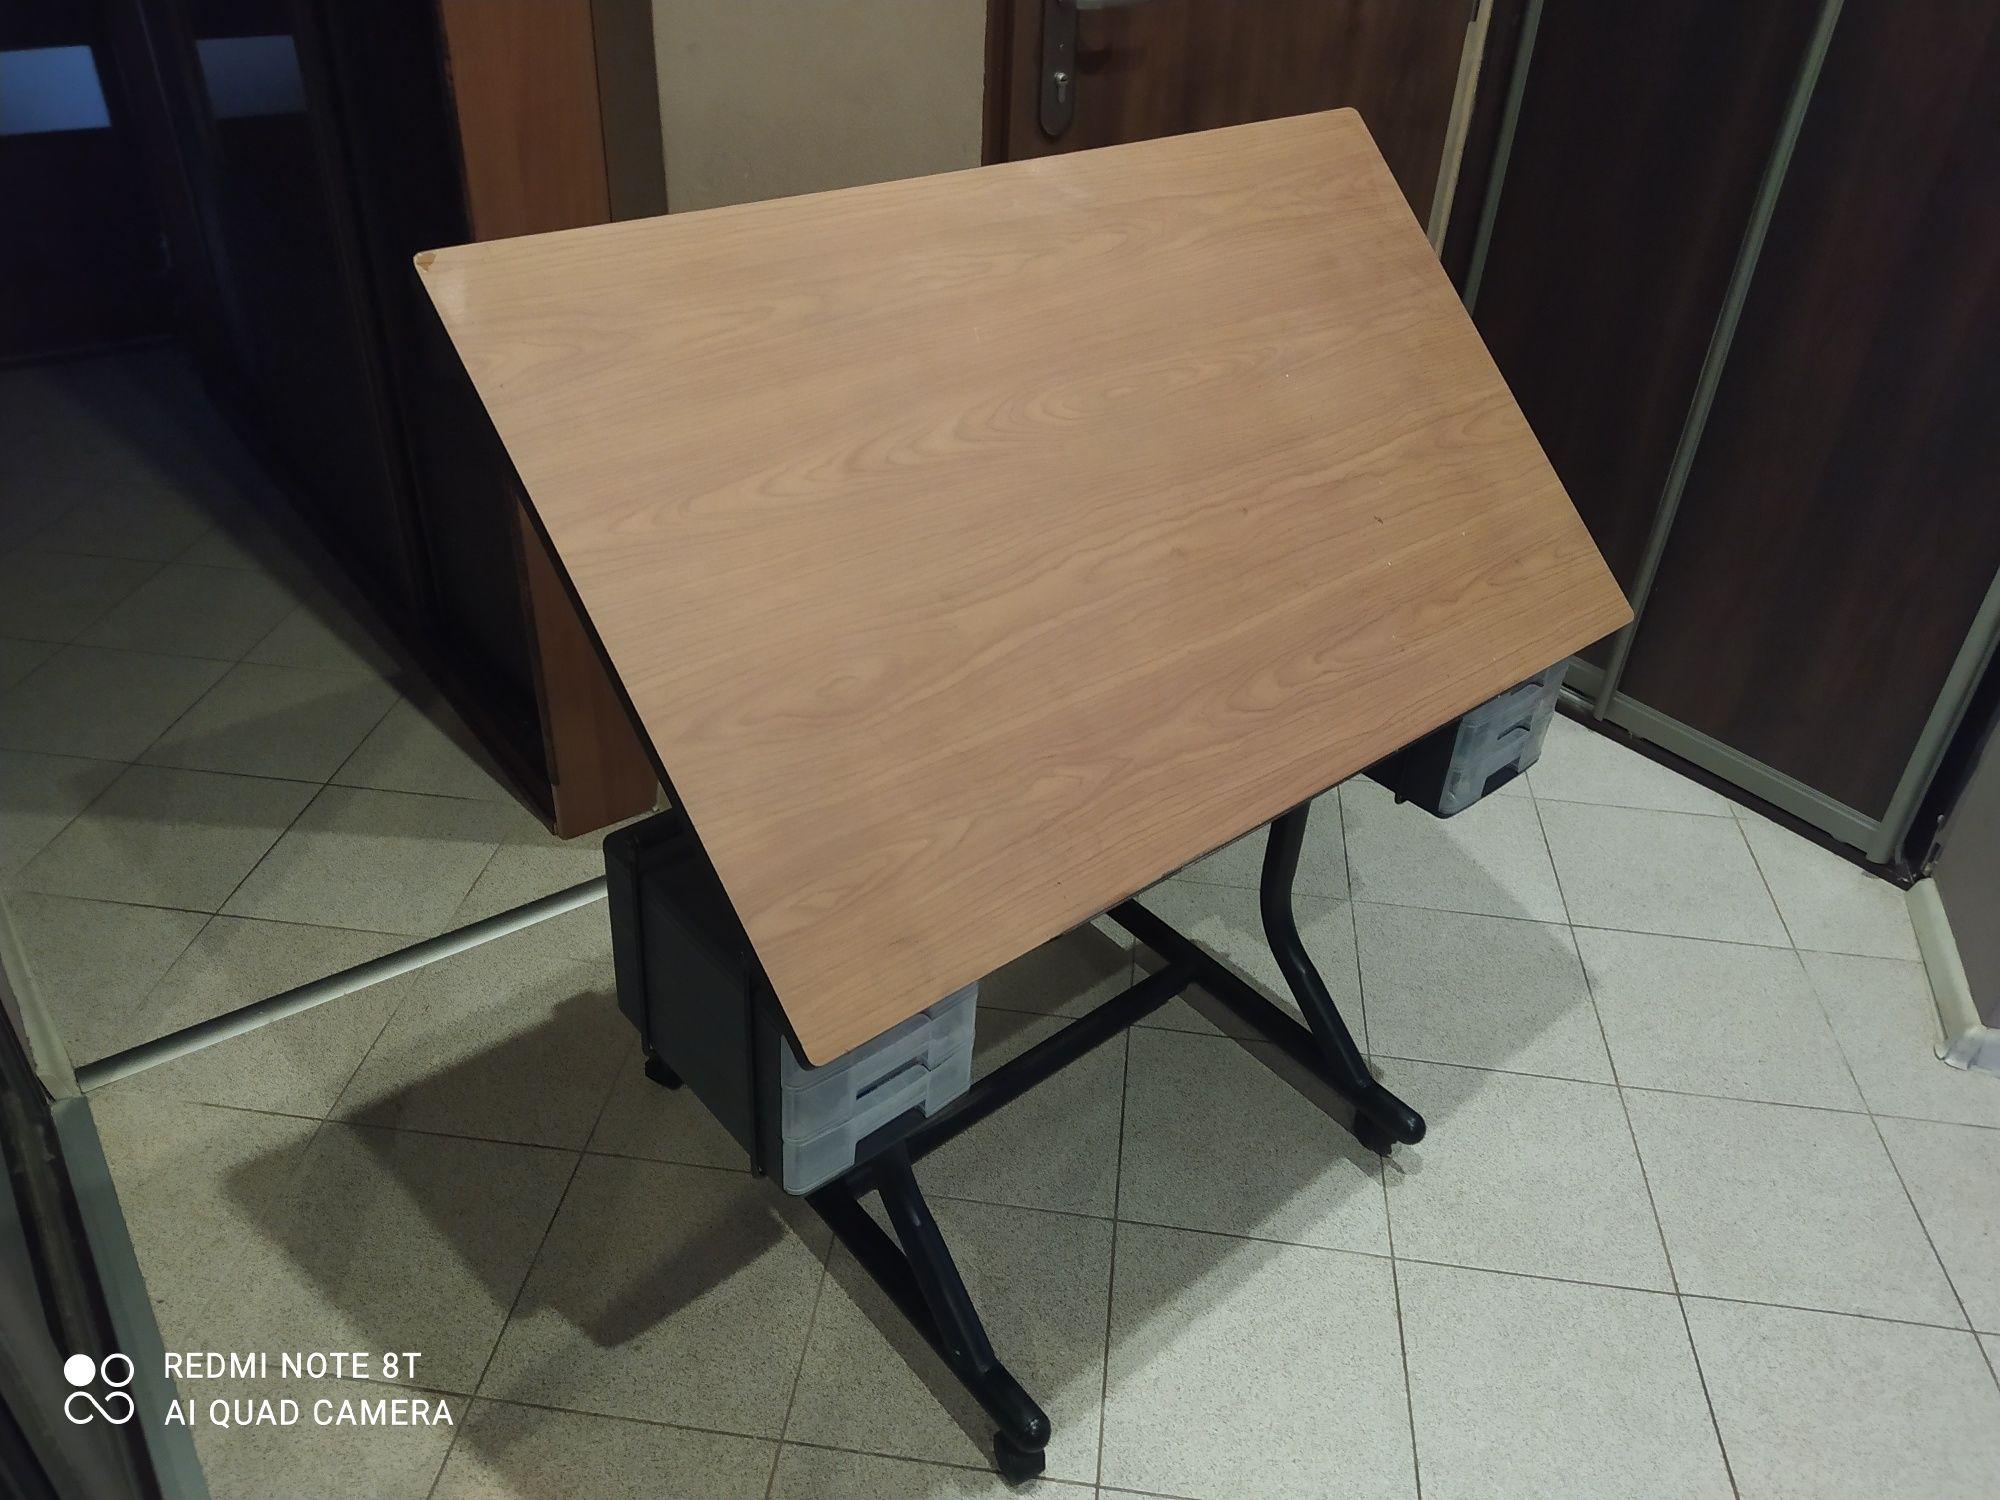 Stół kreślarski/modelarski